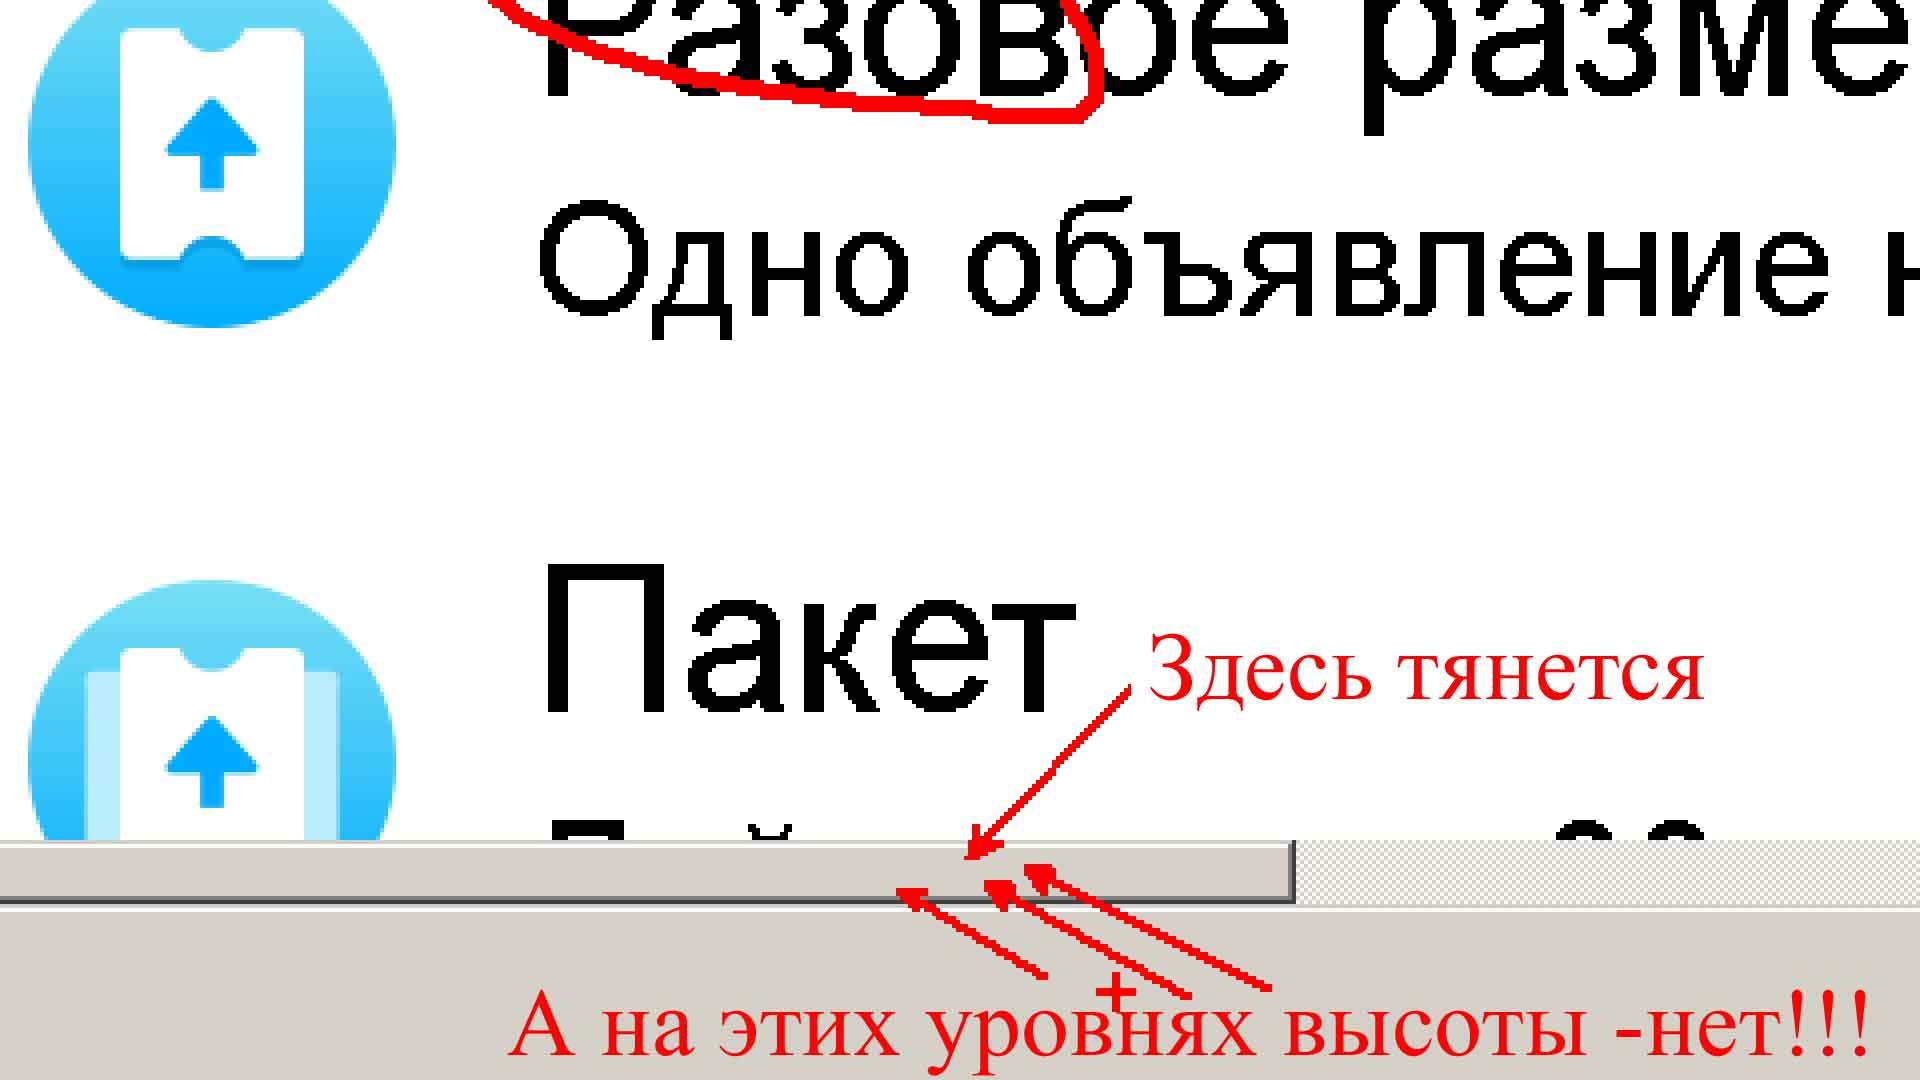 http://pp.userapi.com/c638520/v638520960/4240e/0LEvyvl15uo.jpg